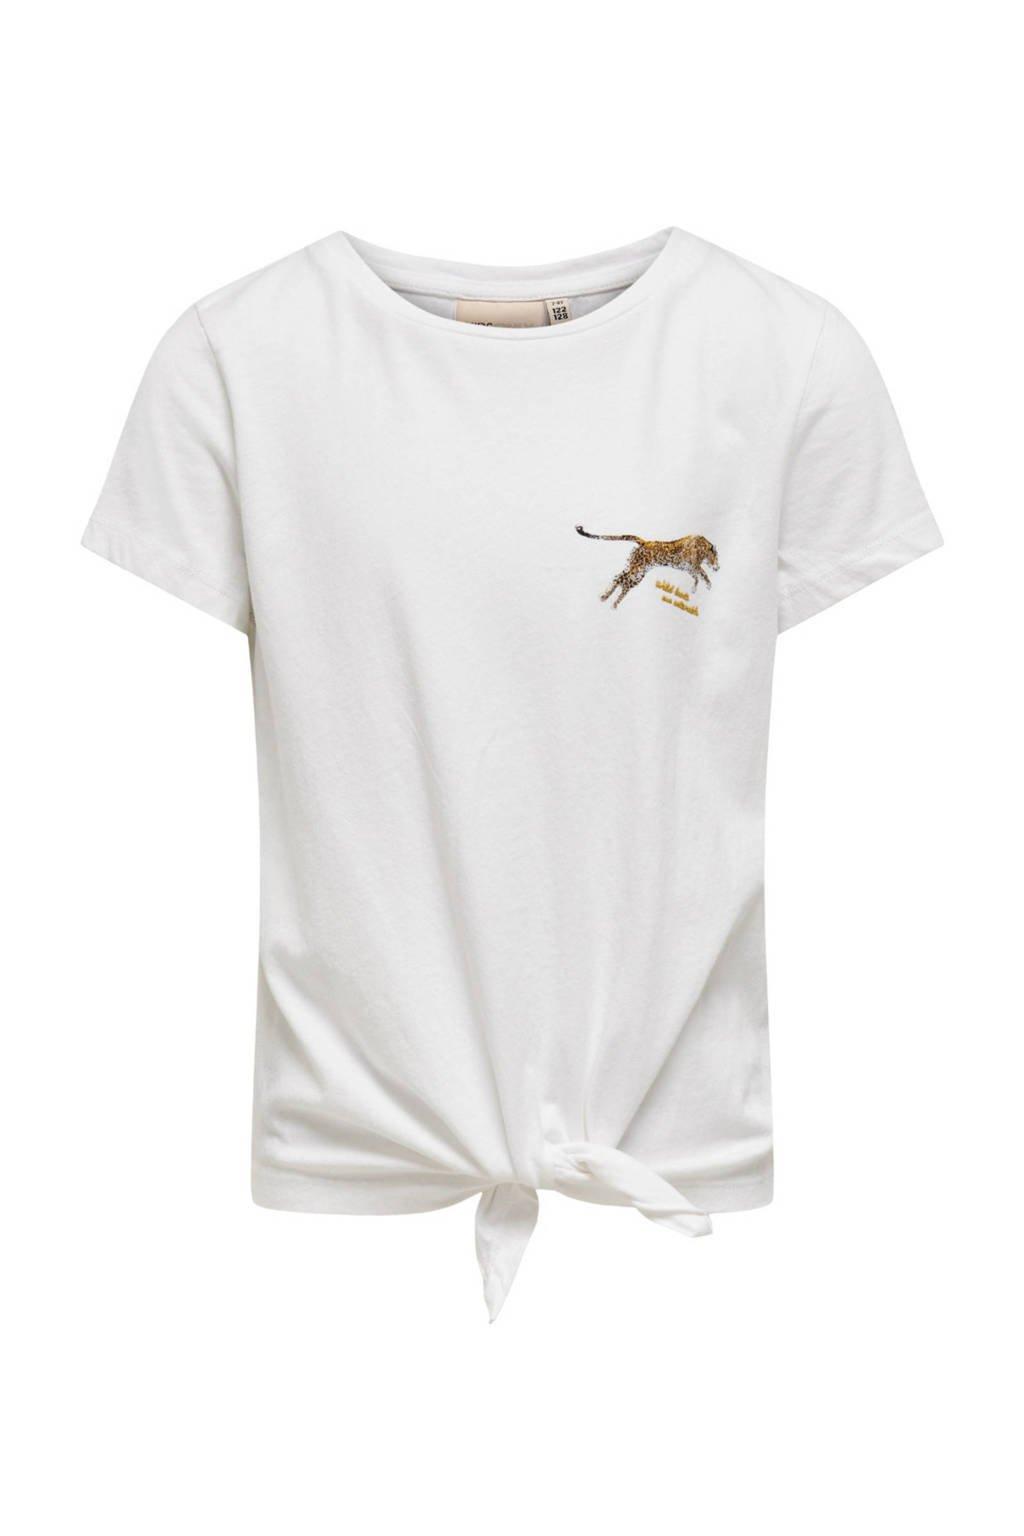 KIDS ONLY T-shirt Lucy van biologisch katoen wit/bruin, Wit/bruin